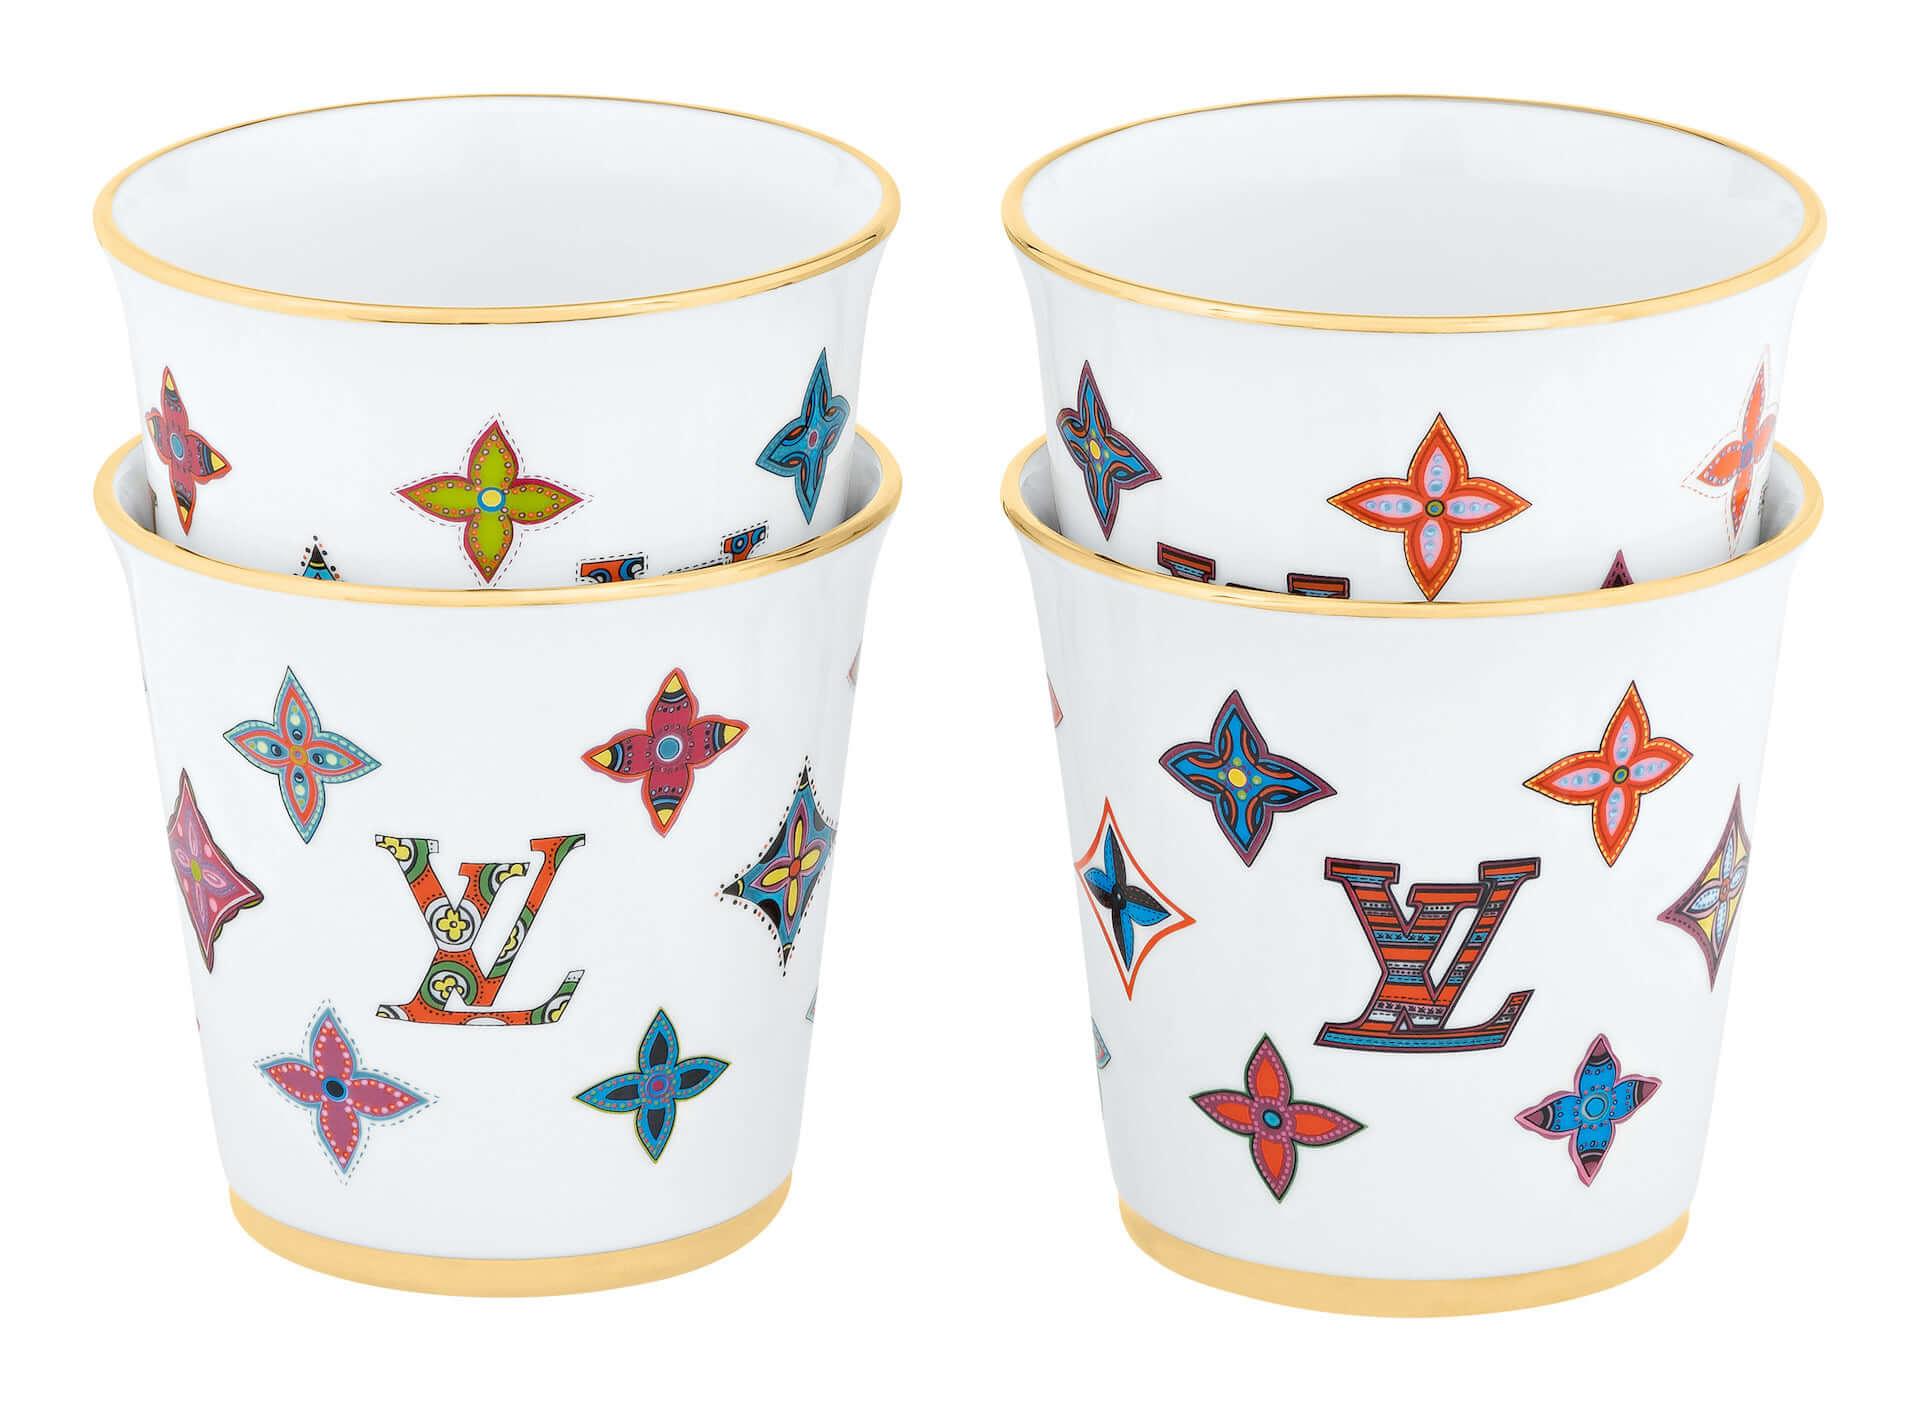 ルイ・ヴィトンの新作ギフトコレクションに陶器製のプレートセットが登場!ポップなミニカップセットも同時発売 lf201225_louisvuitton_2-1920x1411